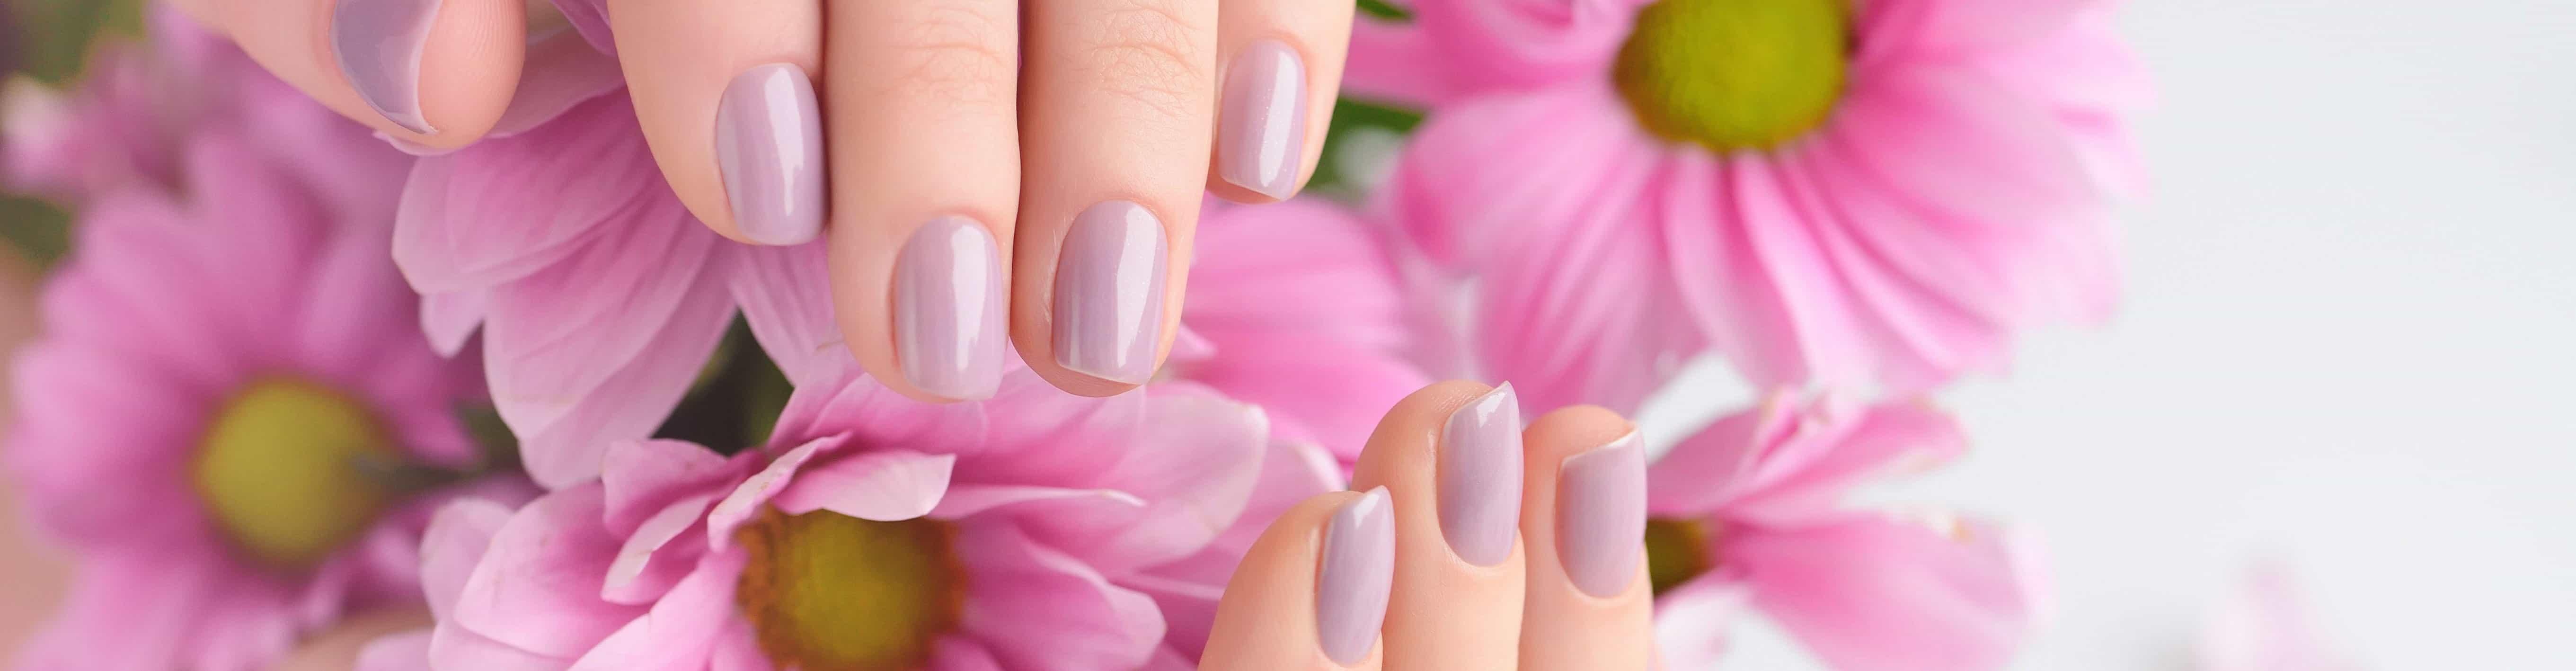 best nail salon in dubai